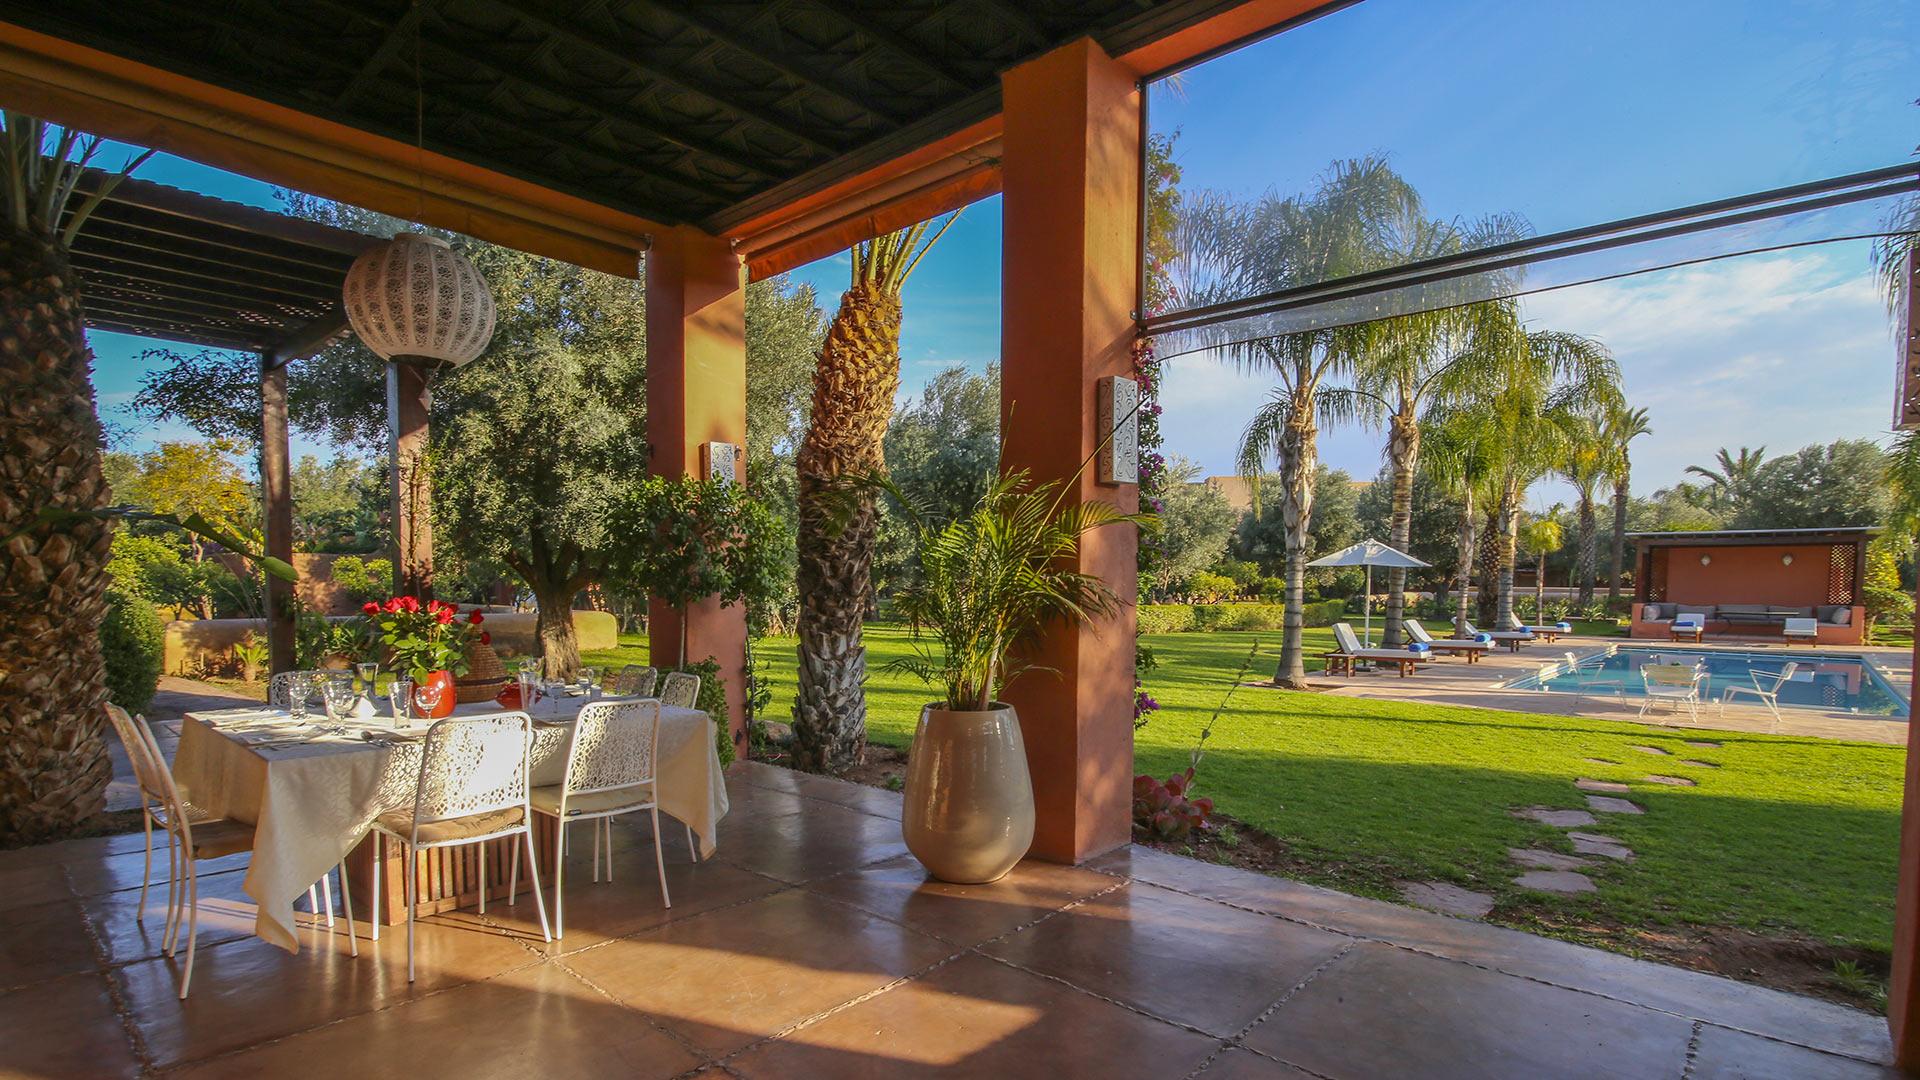 Photos of villa villa des jardins in marrakech villanovo for Villa des jardins marrakech